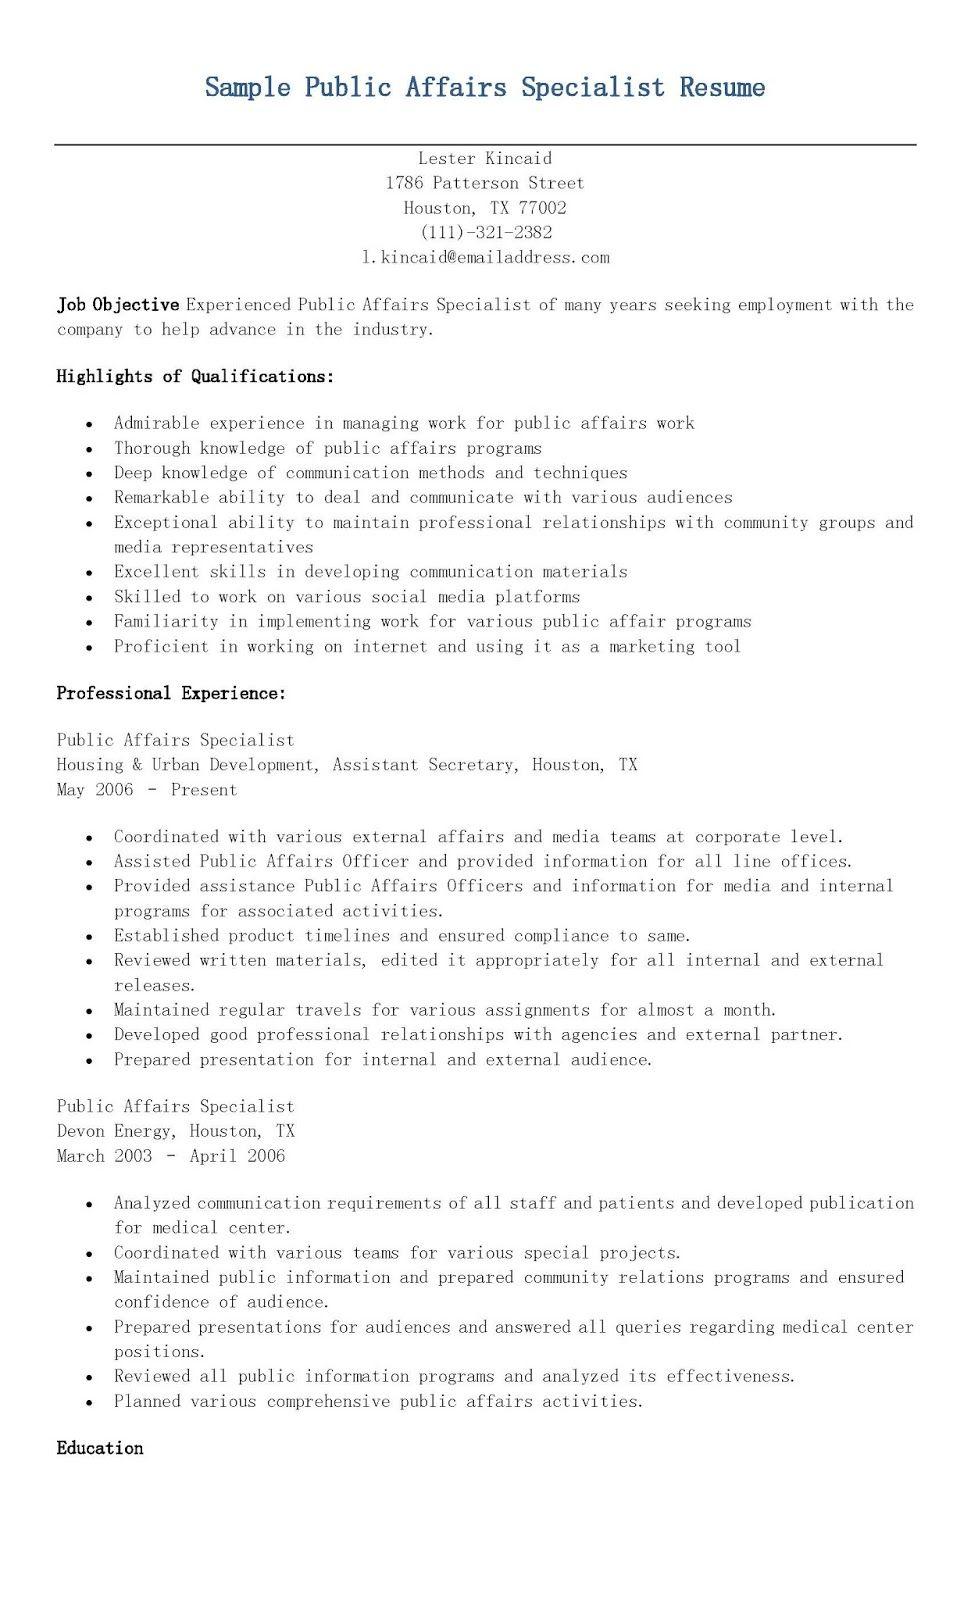 Sample Public Affairs Specialist Resume Resume Affair Specialist